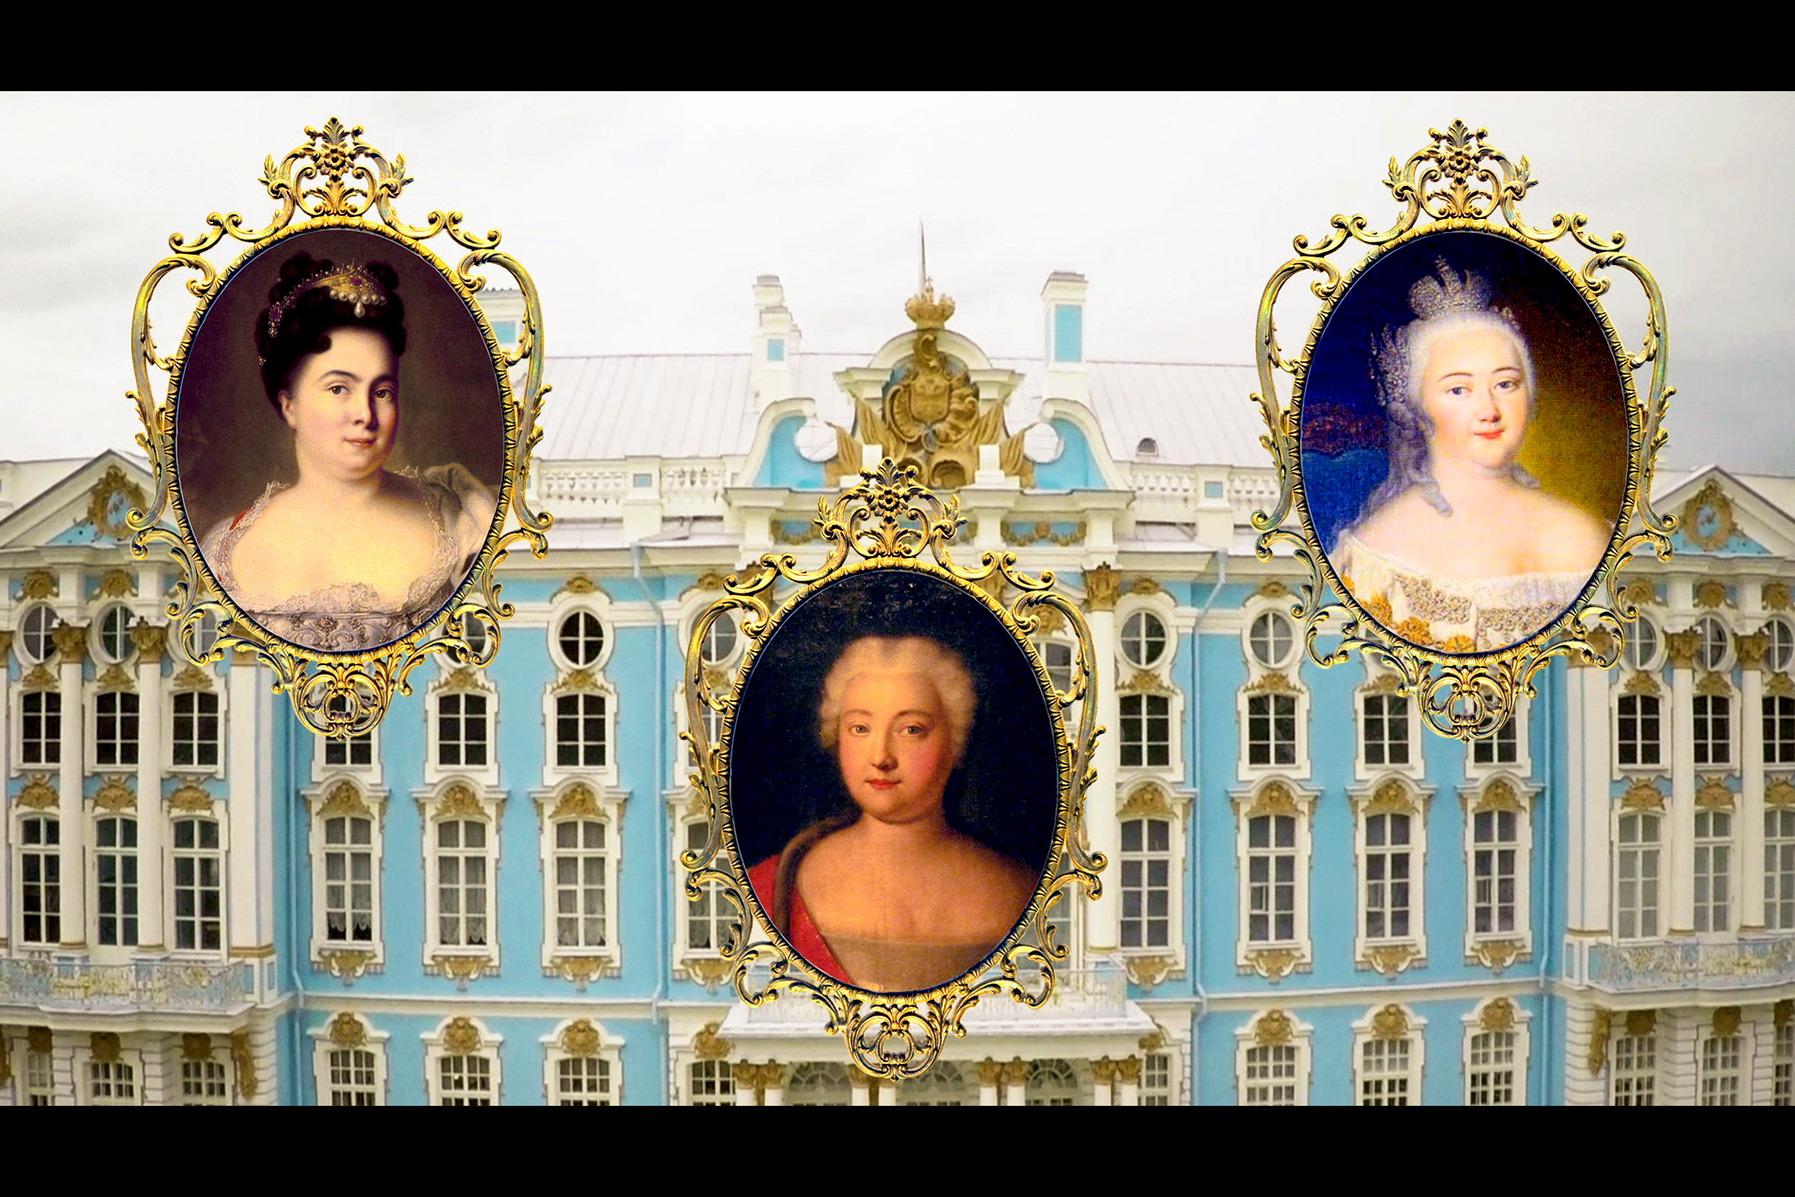 Drei Schlossherrinnen haben den Katharinenpalast nach ihren jeweils eigenen Vorstellungen umgestaltet: zunächst Katharina I. (li.), dann ihre Tochter Elisabeth (re.) und schließlich Katharina II., genannt ?die Große? (Mi.).  ©Cinétévé